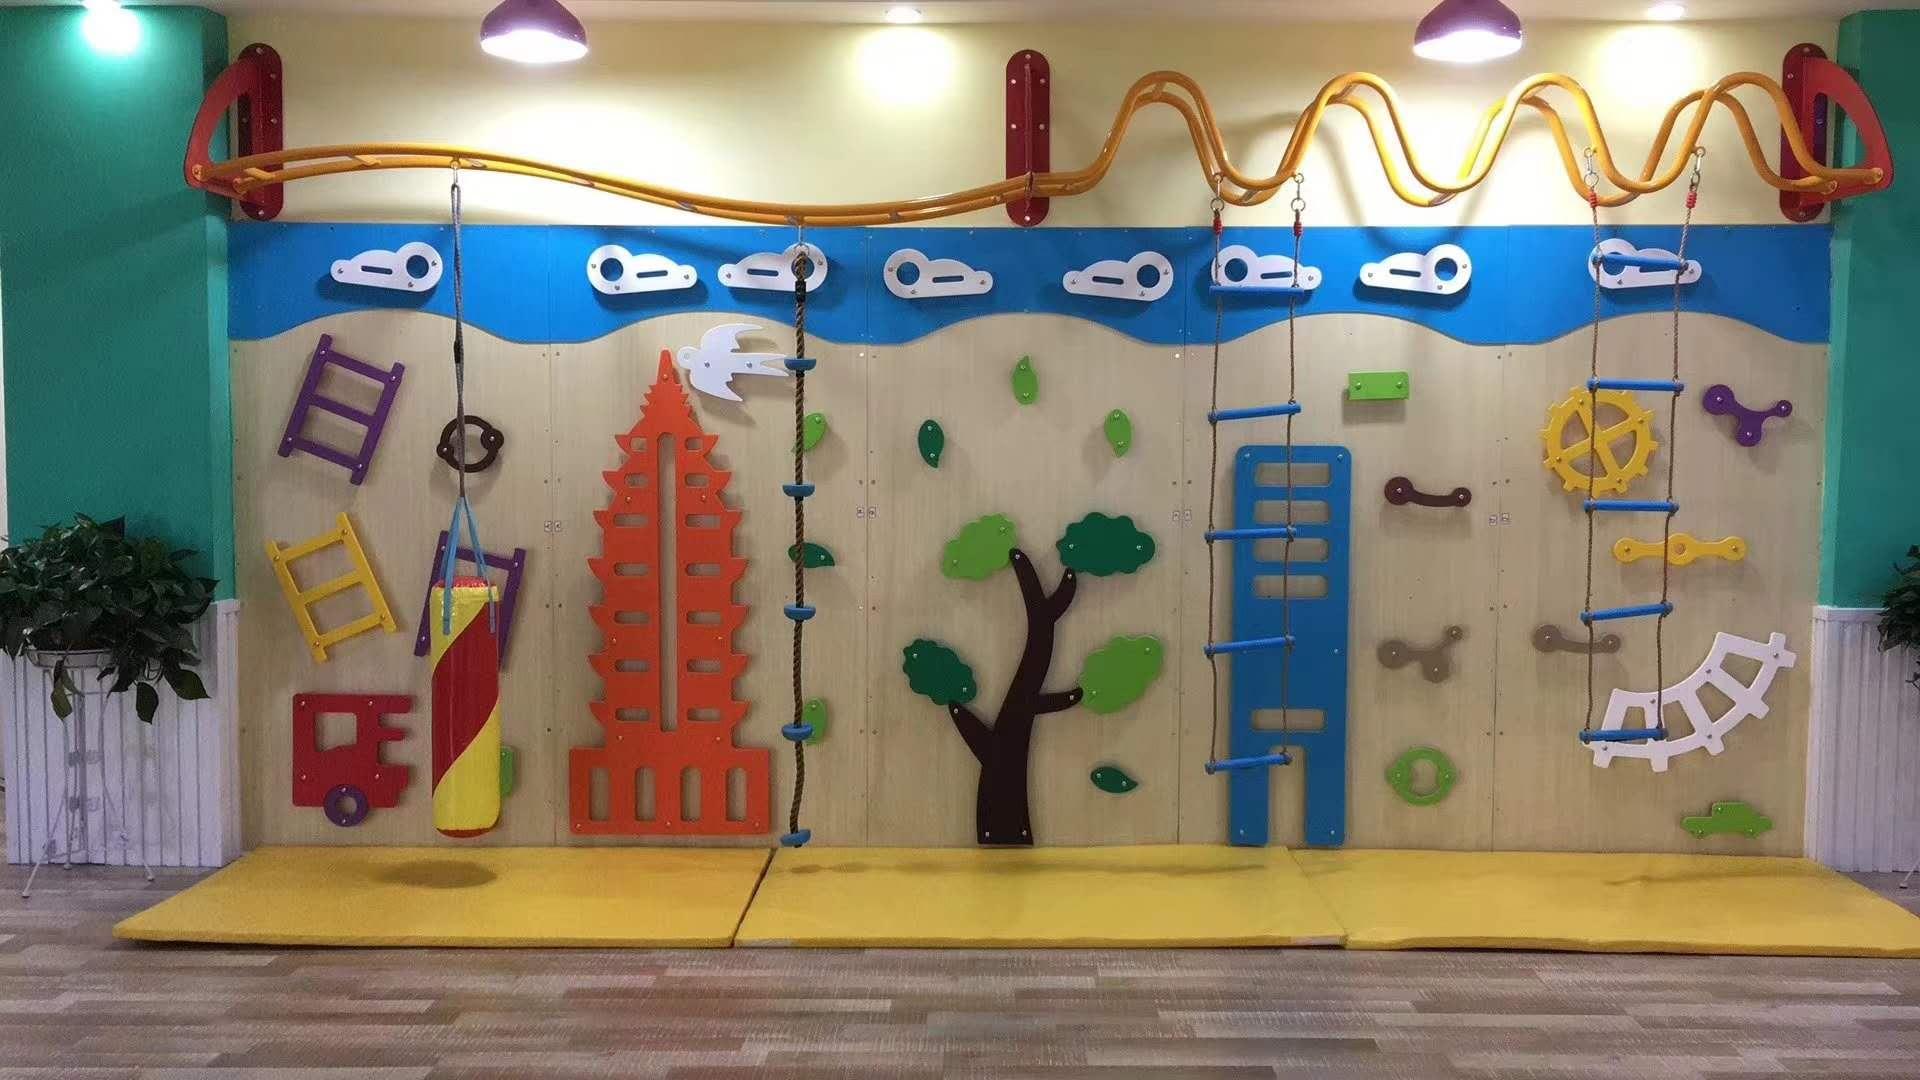 贵港游乐设备批发厂家-为您推荐质量好的广西儿童游乐设备